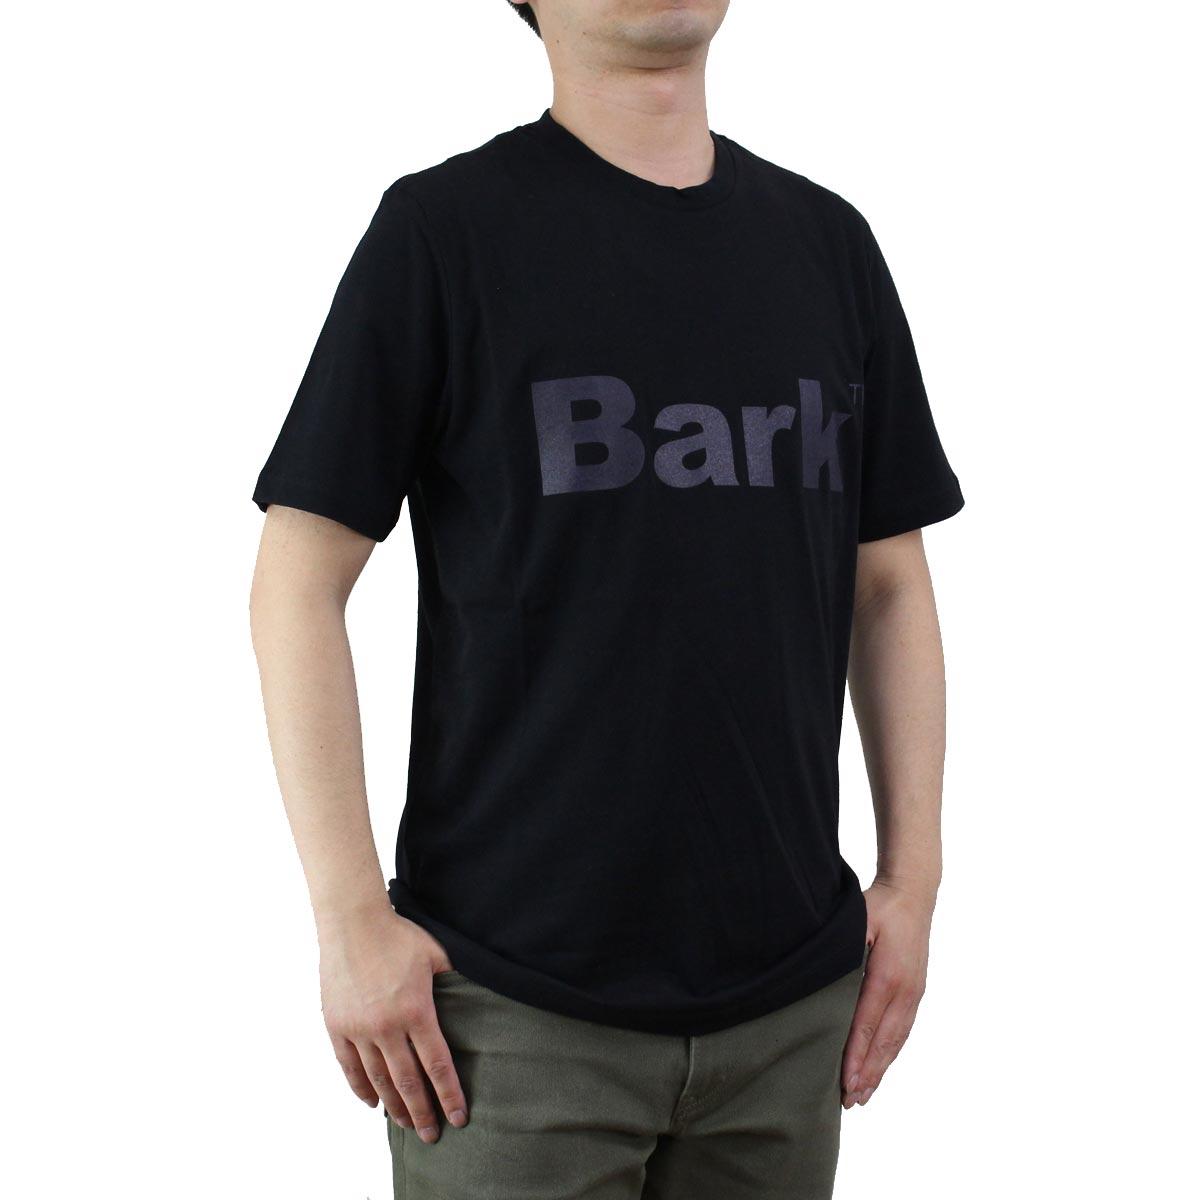 バーク Bark  メンズ クルーネック 半袖 ロゴ Tシャツ 71B8715 261 BLACK ブラック  メンズ ティーシャツ ティーシャツ T shirt OLS-4  ts-01